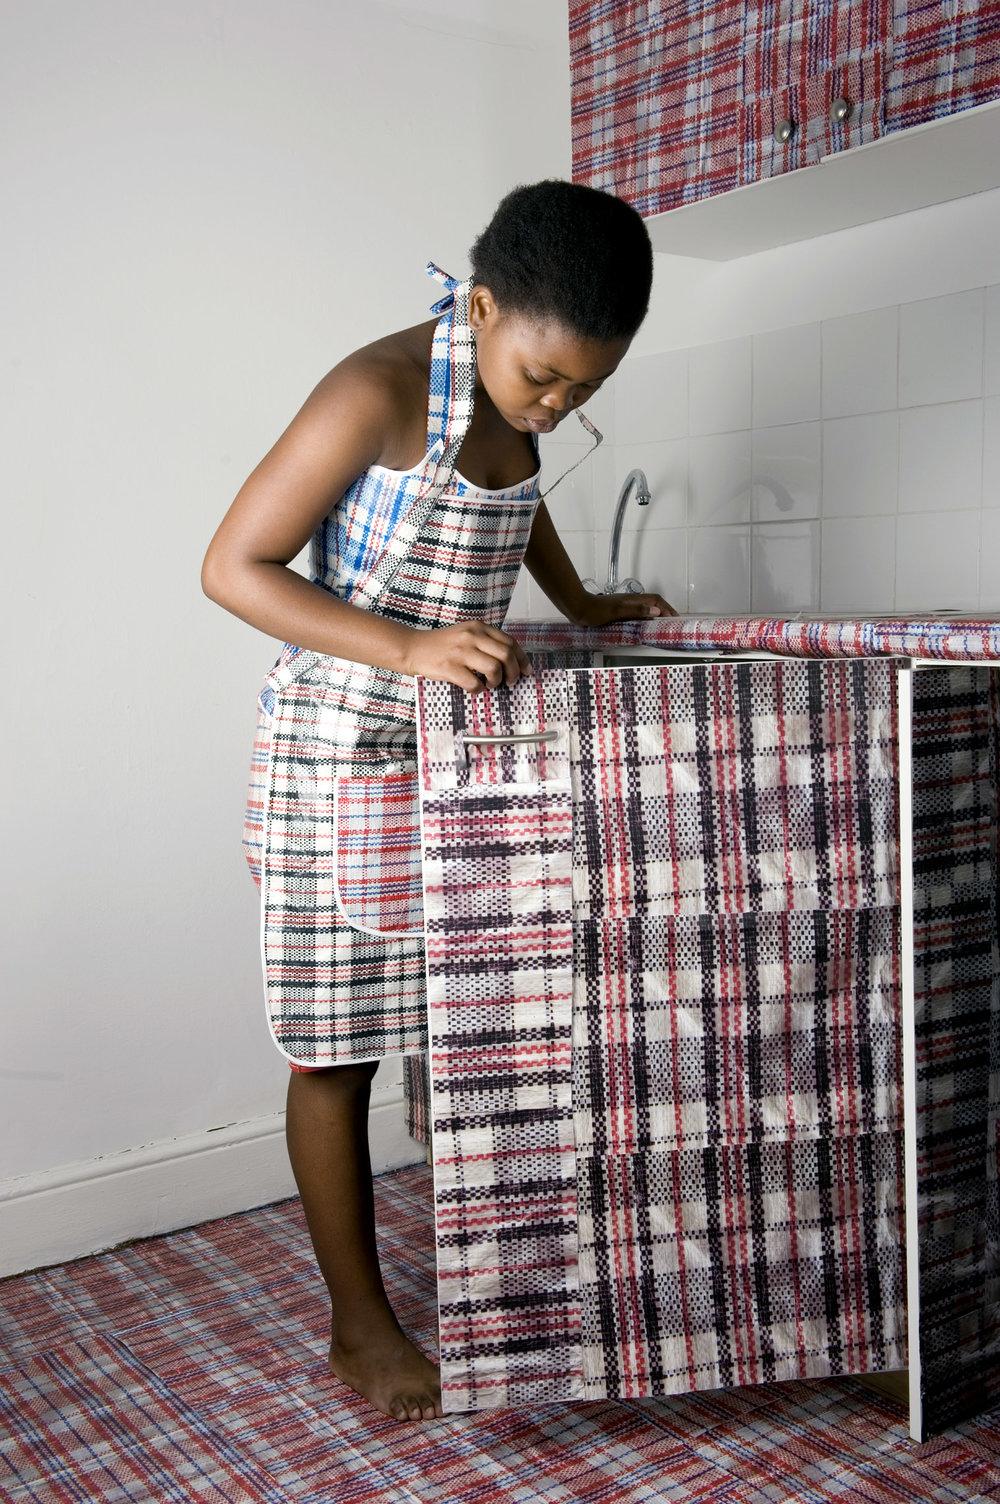 copyright-Nobukho-Nqaba-umaskhenkethe-likhaya-lam-2012-2_cropped.jpg